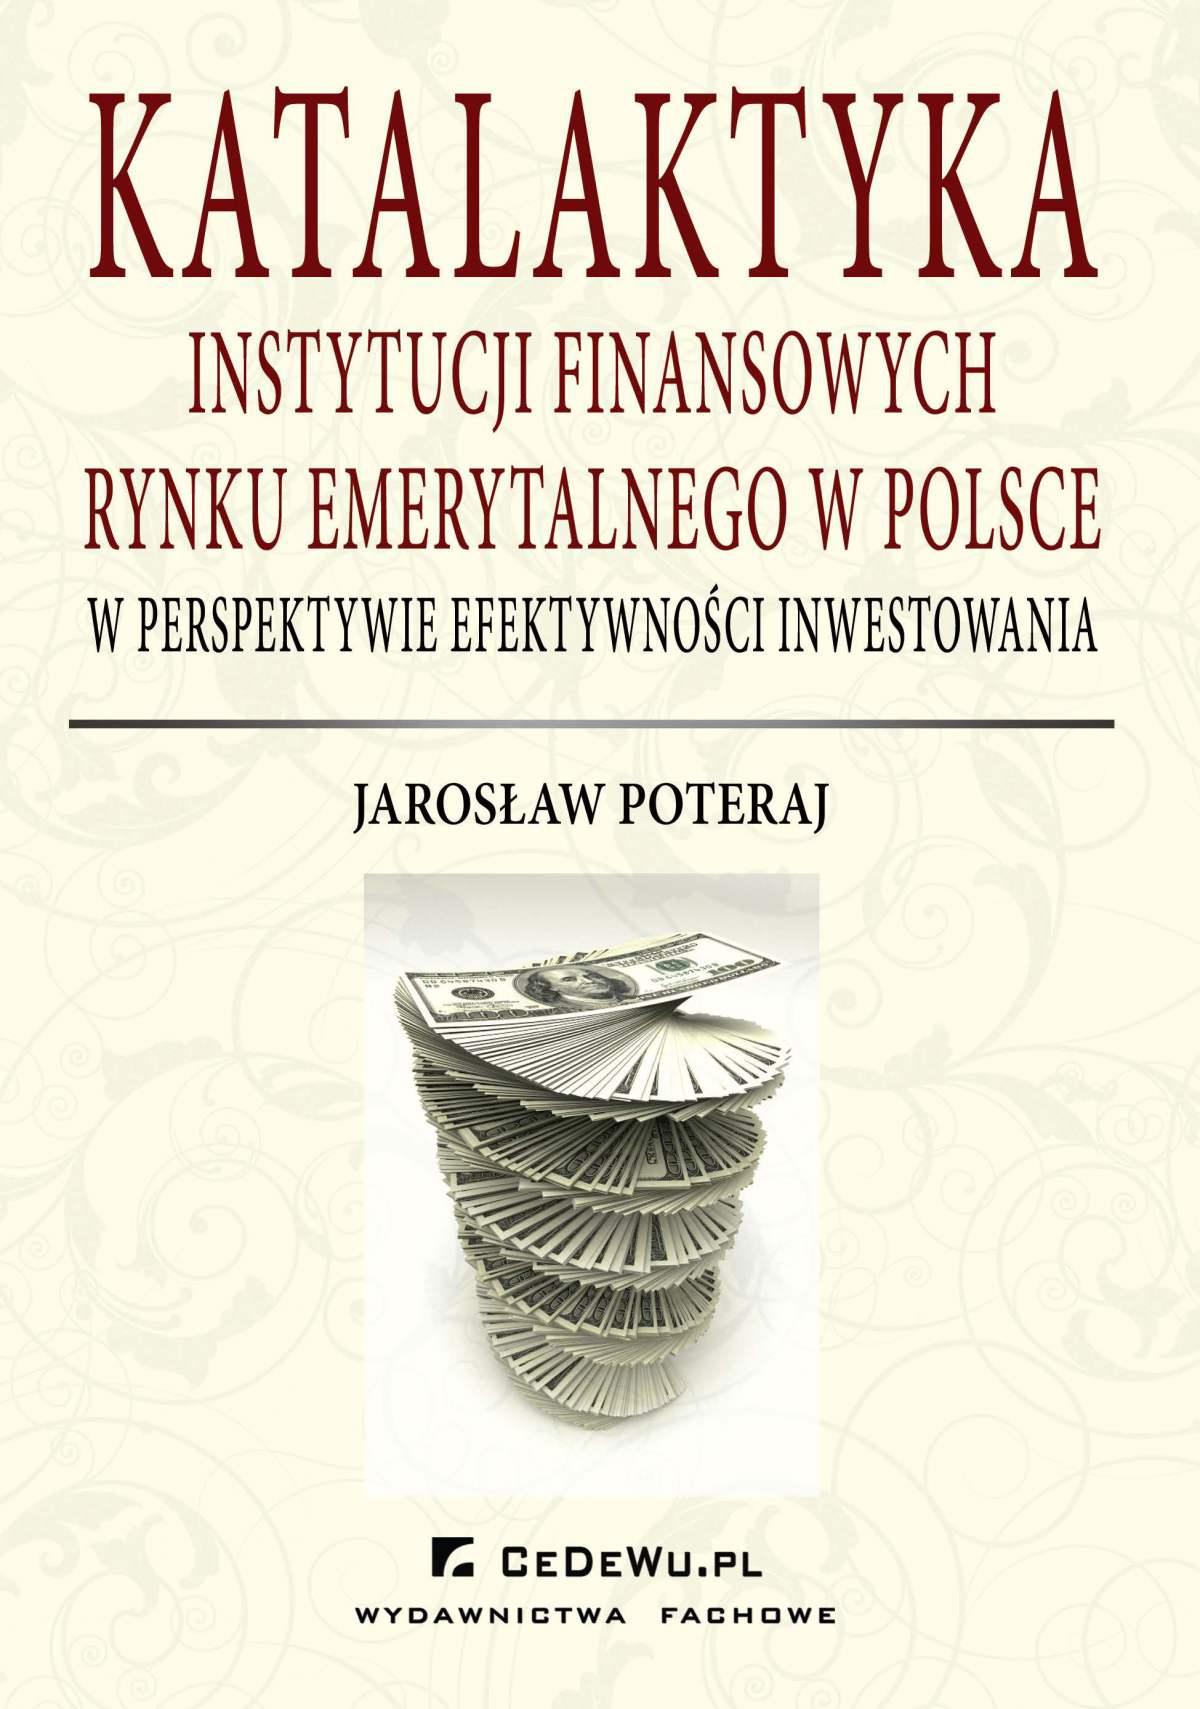 Katalaktyka instytucji finansowych rynku emerytalnego w Polsce w perspektywie efektywności inwestowania - Ebook (Książka PDF) do pobrania w formacie PDF